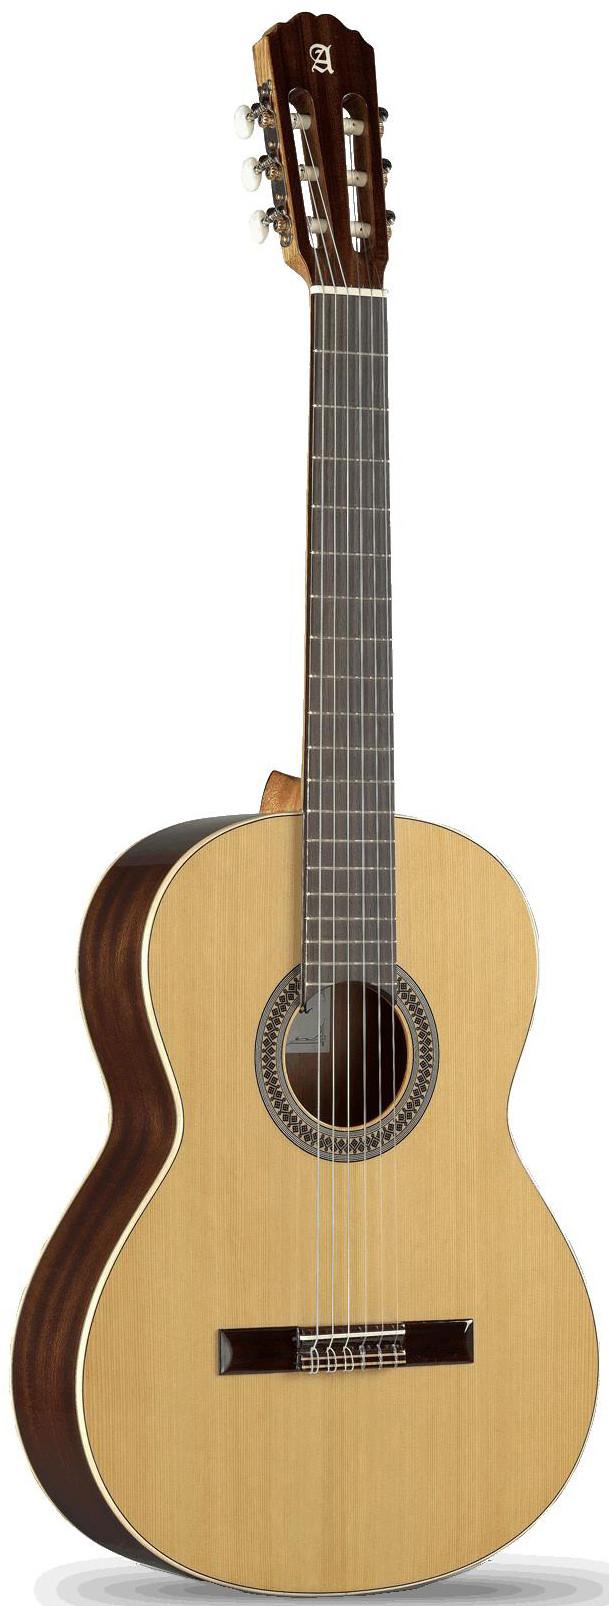 Гитара Alhambra 6.203 Classical Student 2C A